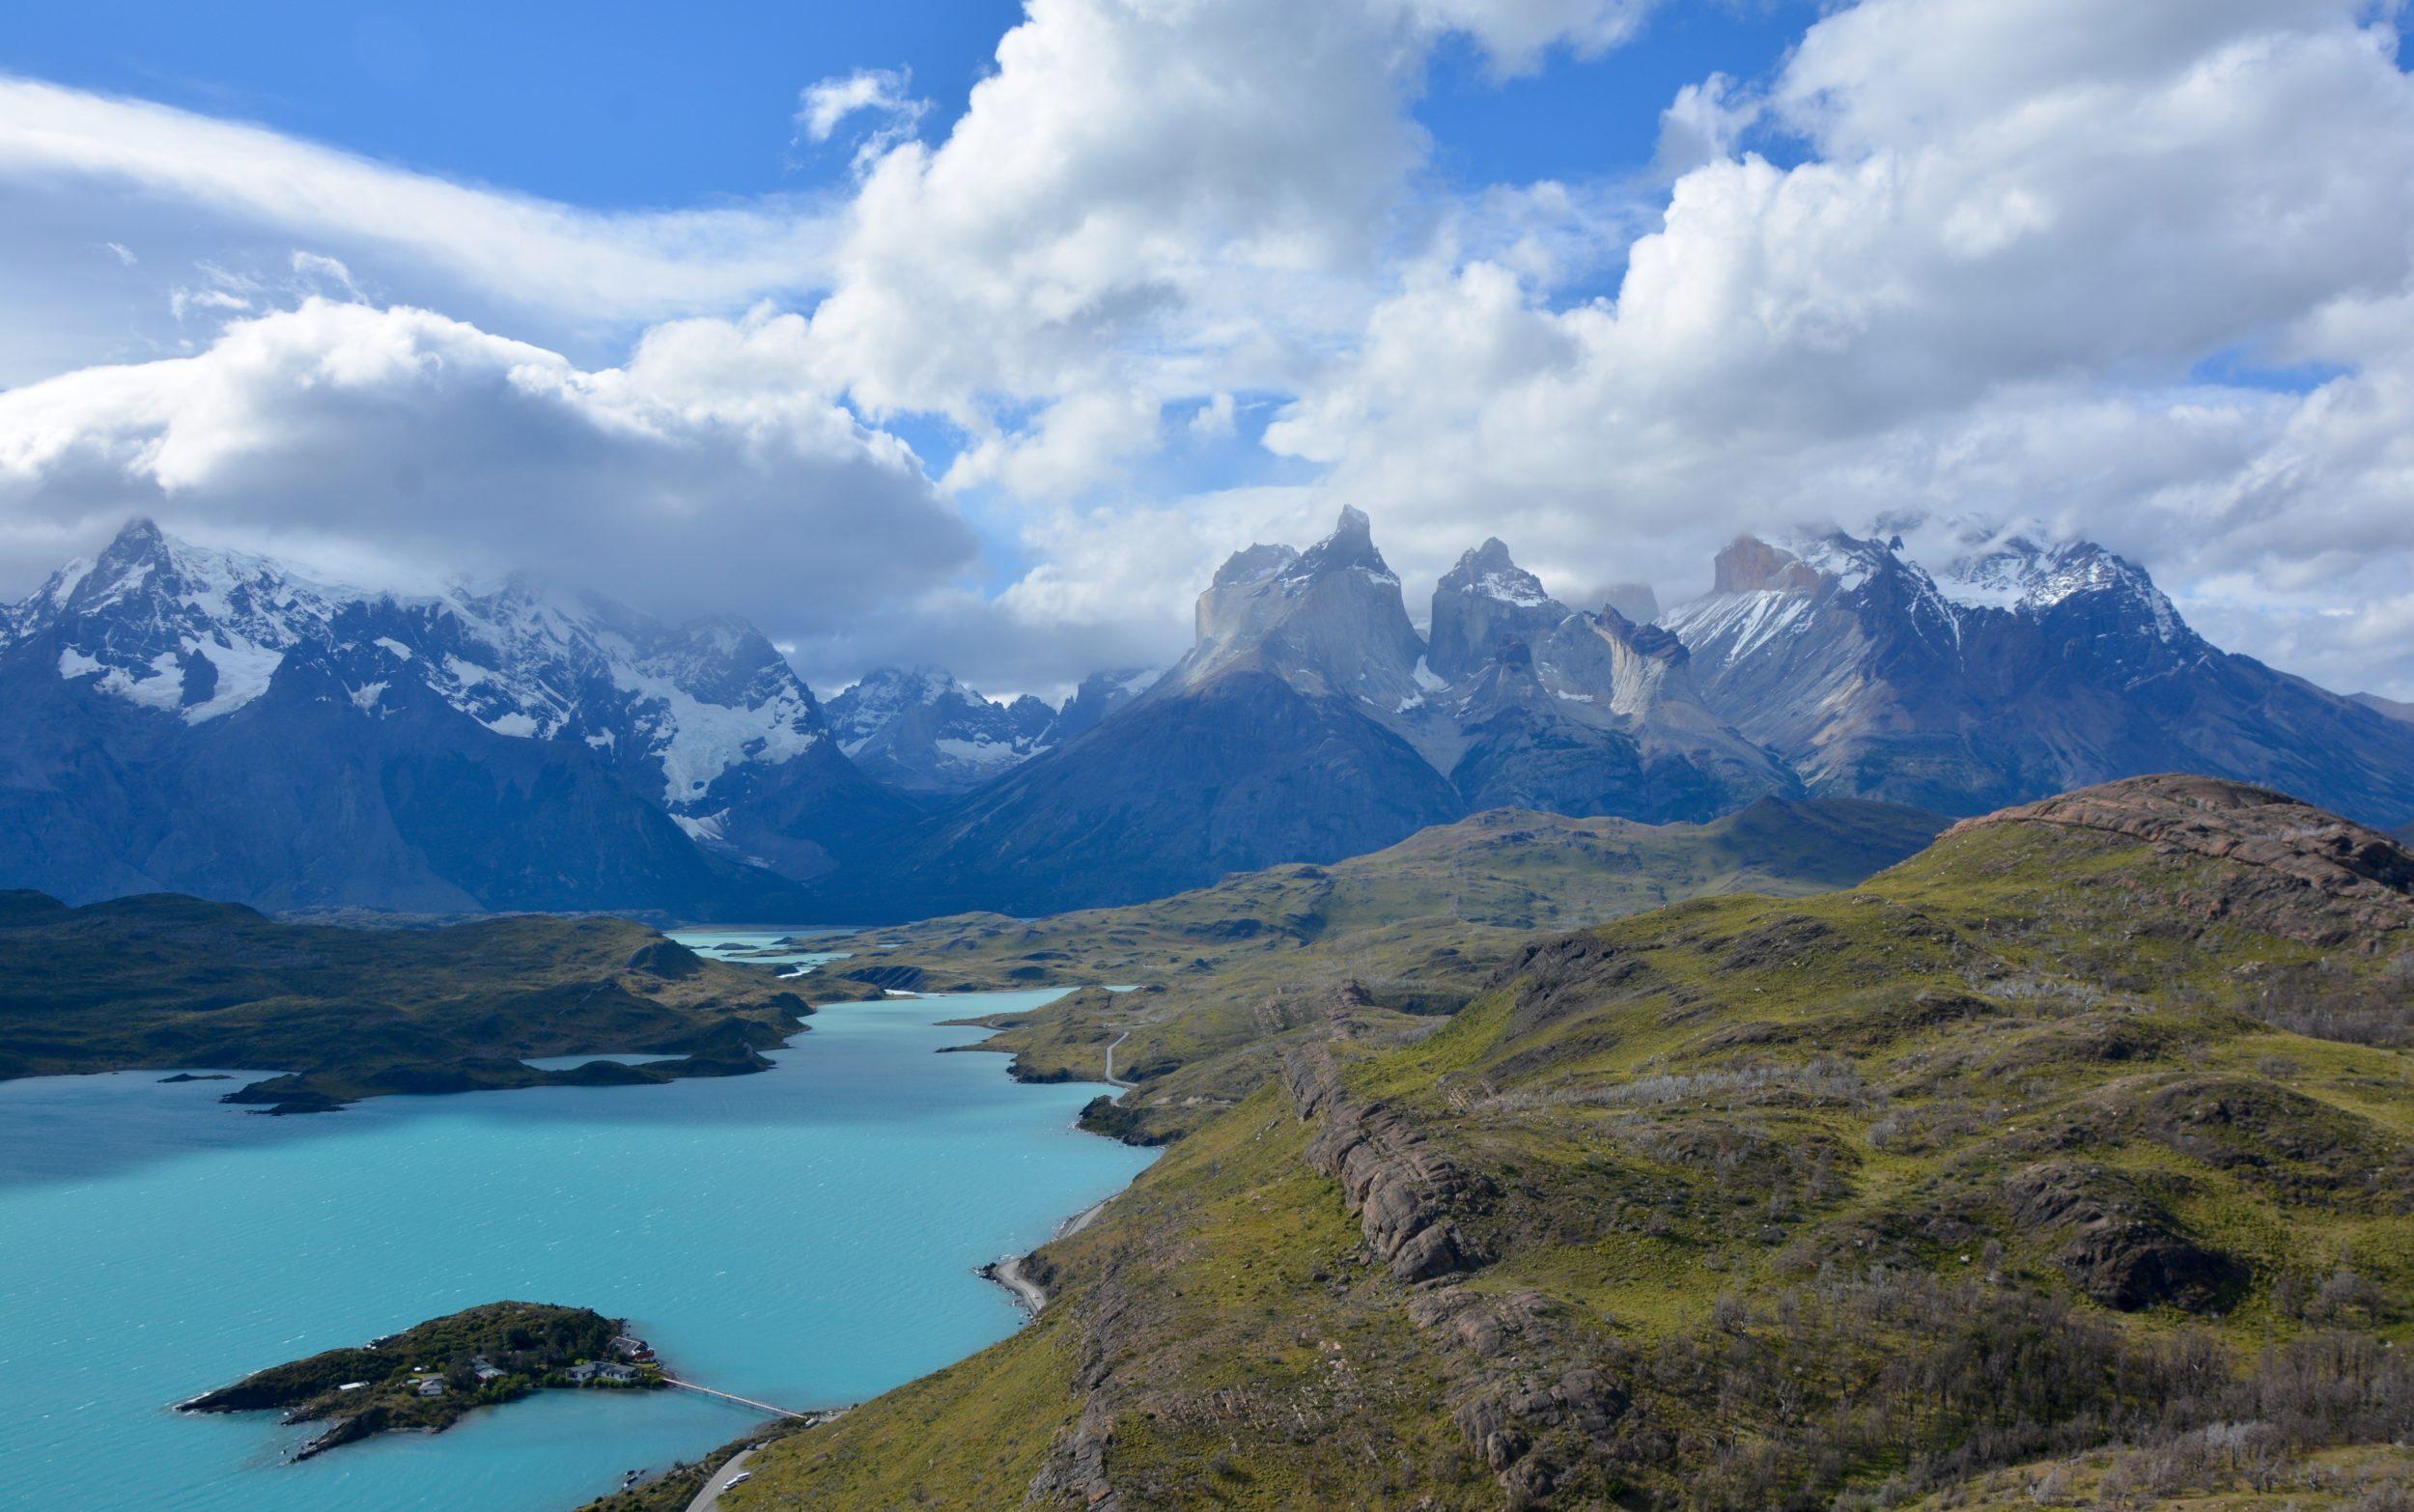 mirador Condor, Cerro Paine Grande, Cuernos, Torres del paine